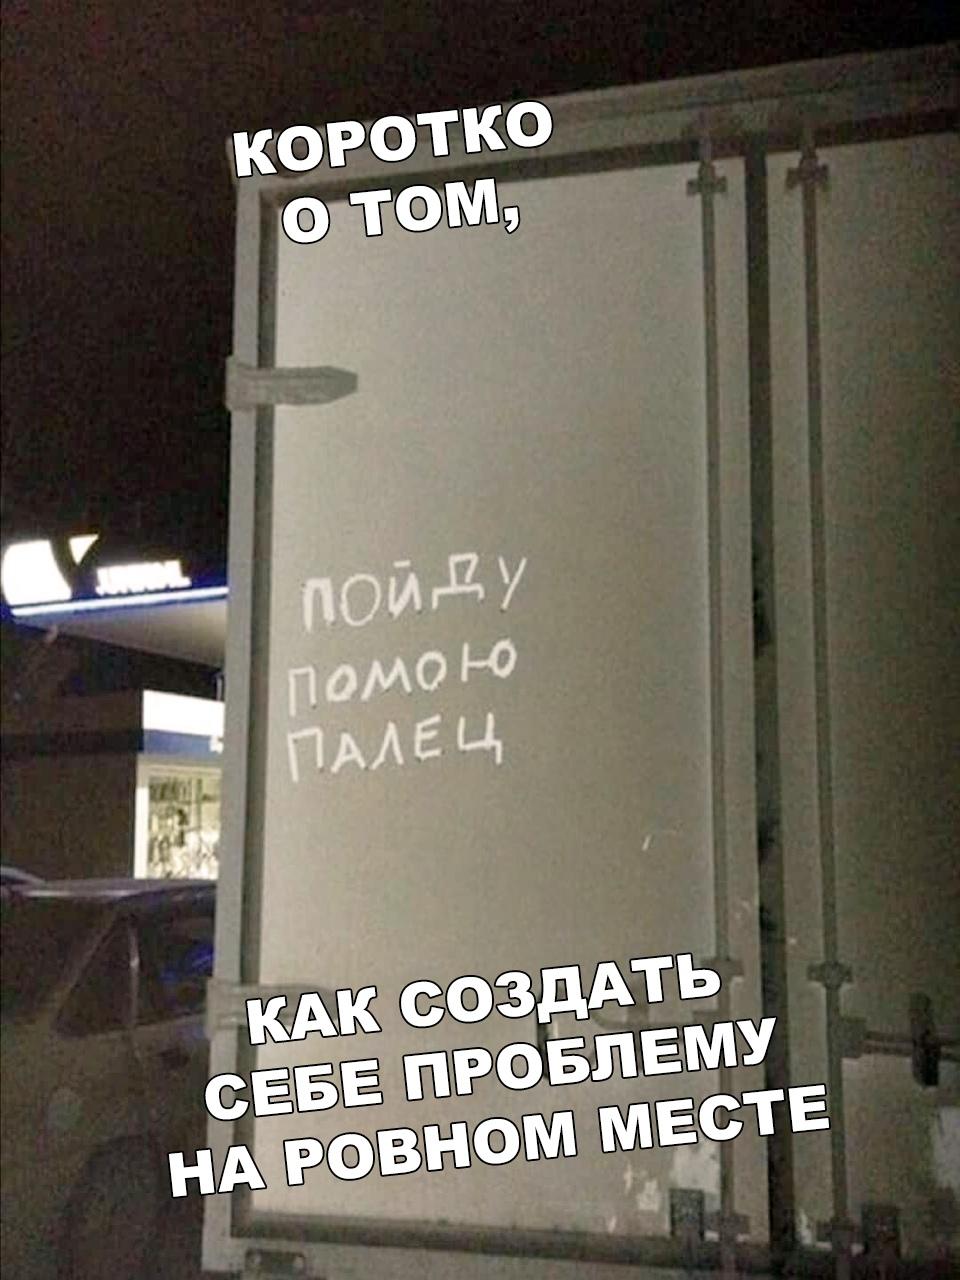 eaPLGvKbGno.jpg